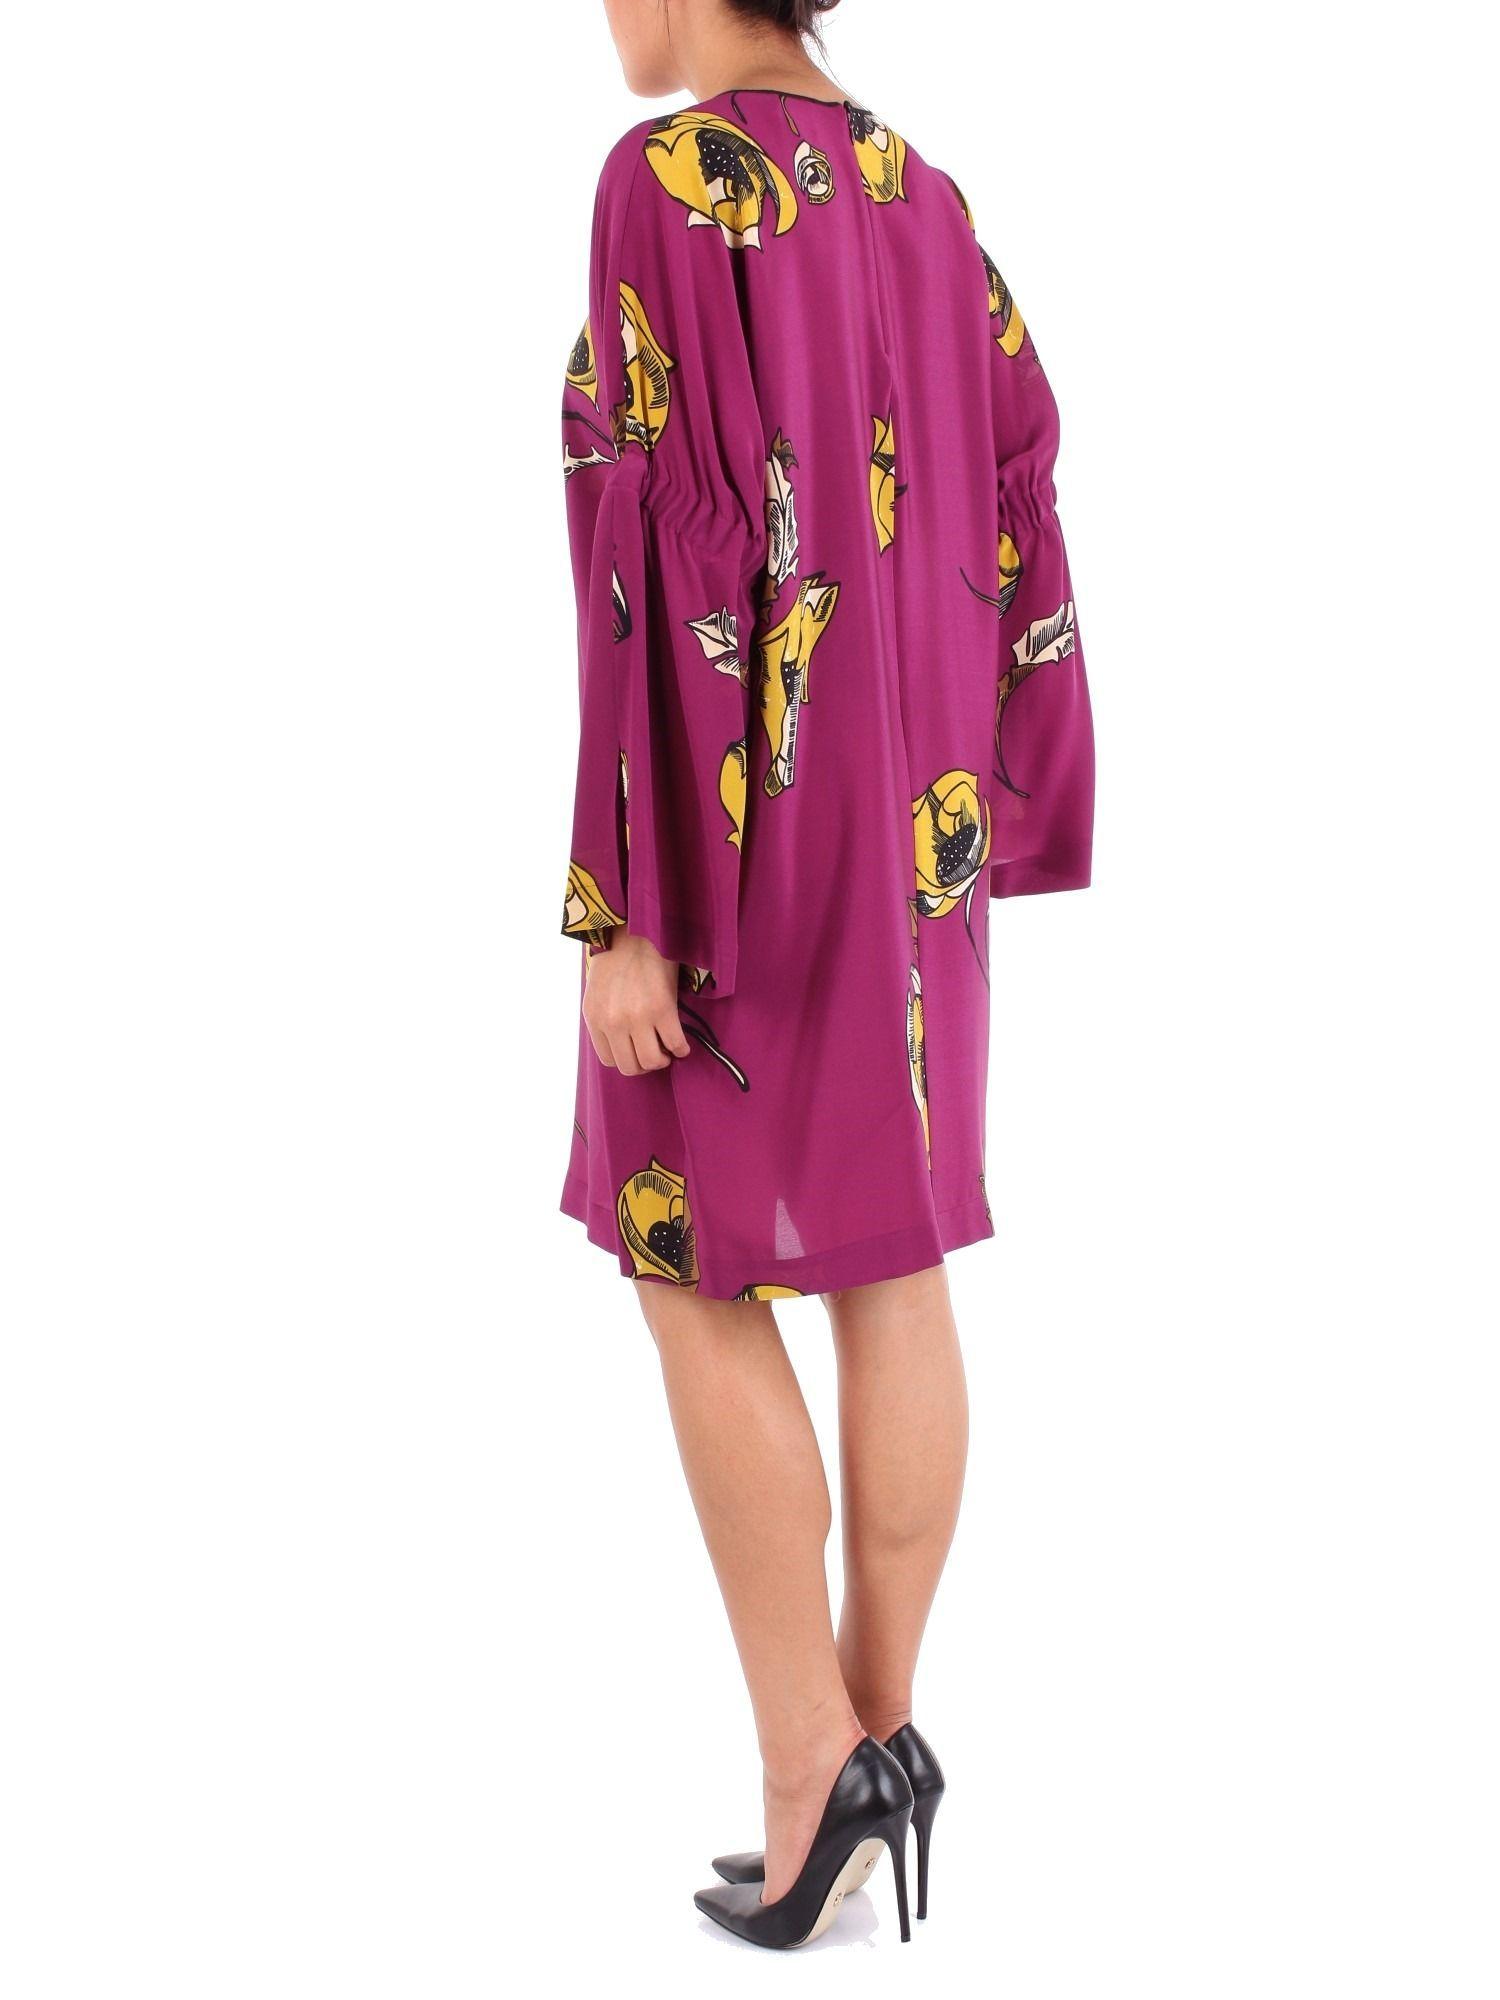 ALYSI WOMEN'S 158372A8236PURPLE PURPLE SILK DRESS